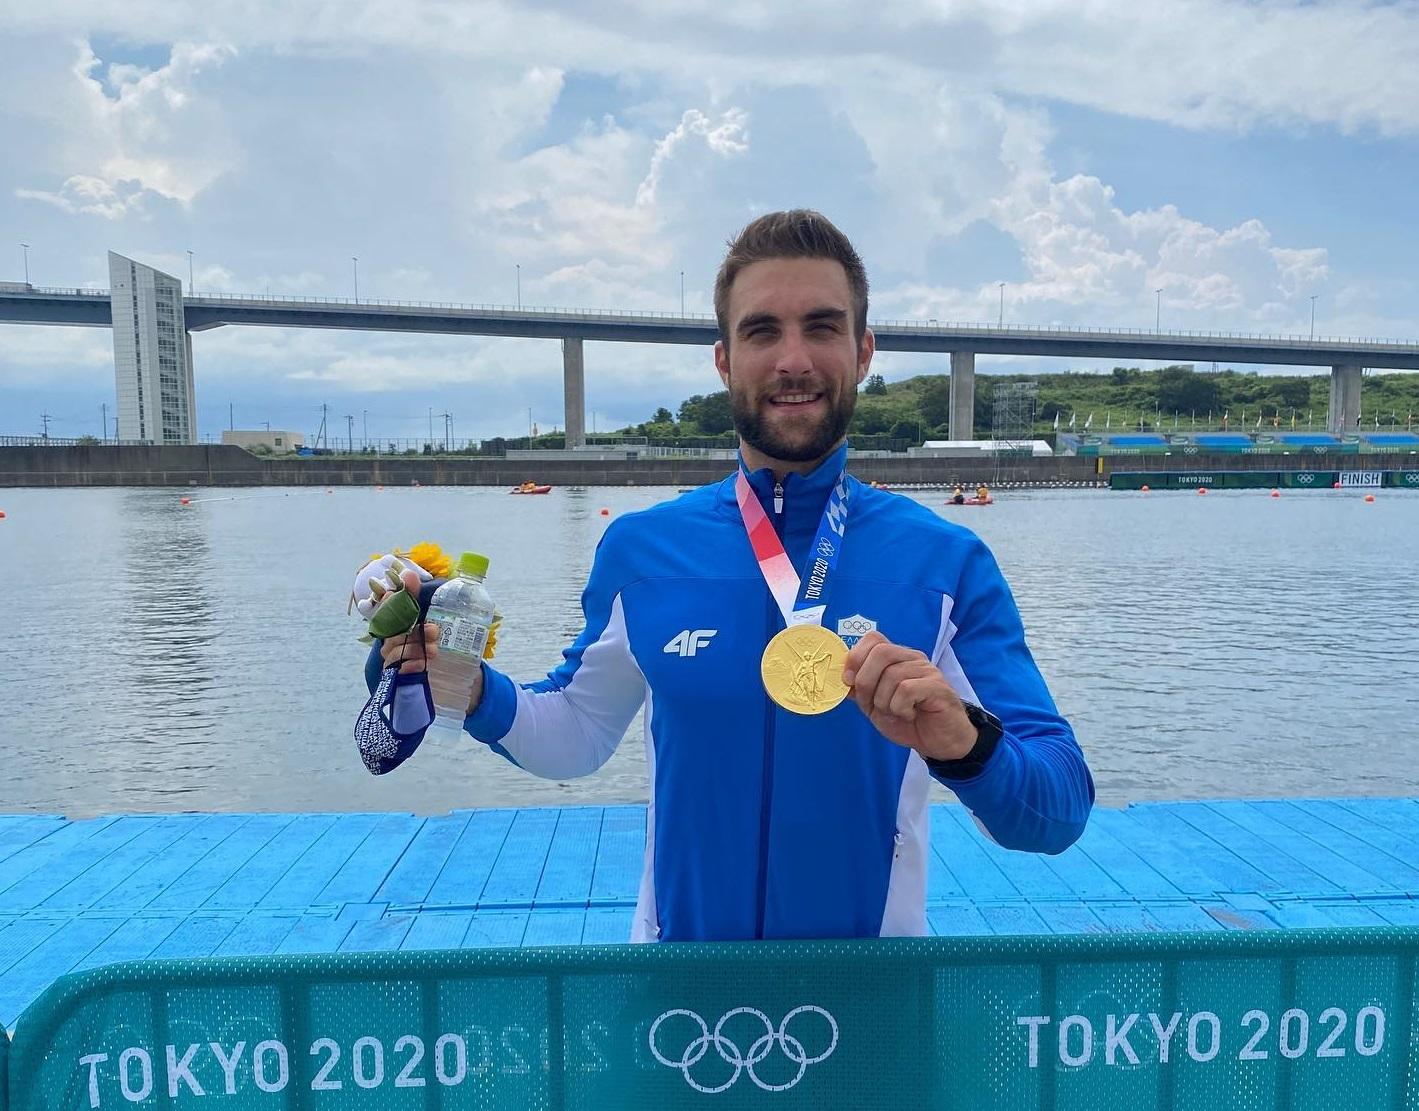 Ολυμπιονίκης Στέφανος Ντούσκος: Ποιος είναι ο 24χρονος που κέρδισε το Χρυσό στο Τόκιο 2021. Βιογραφικό